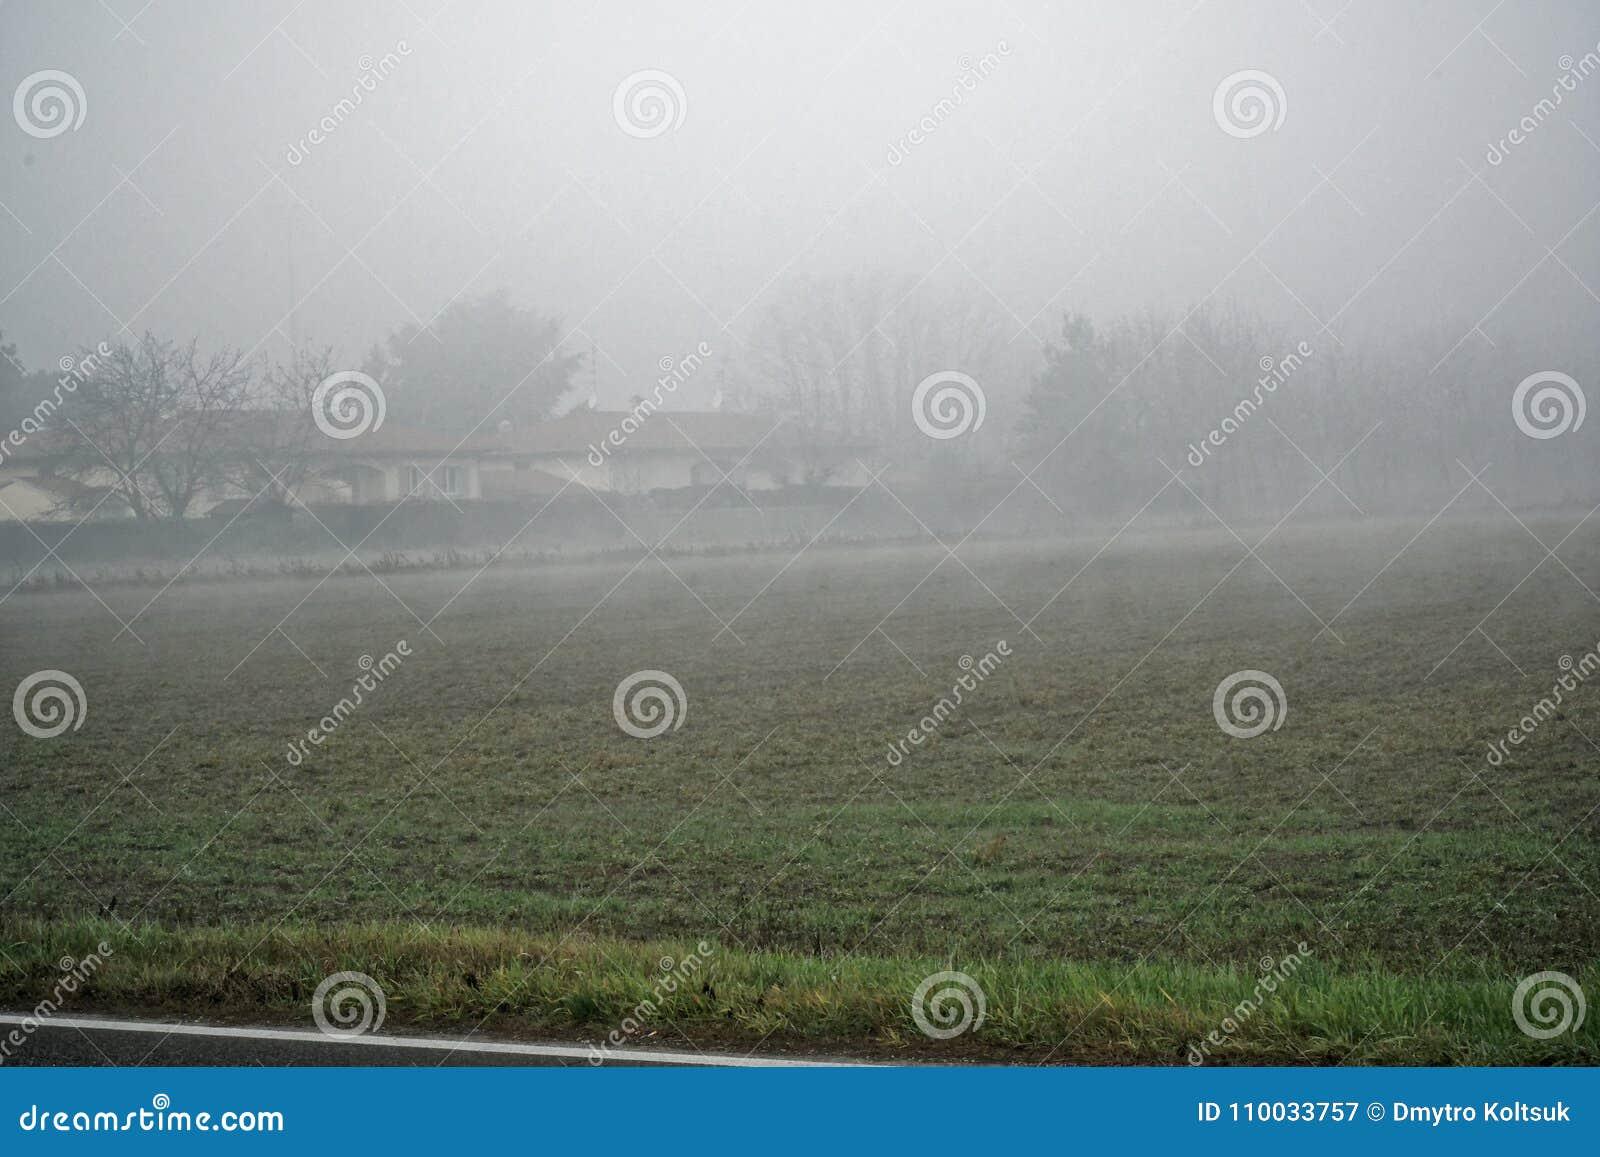 Landschap van dichte mist in het gebied en het silhouet van bomen in de warme winter